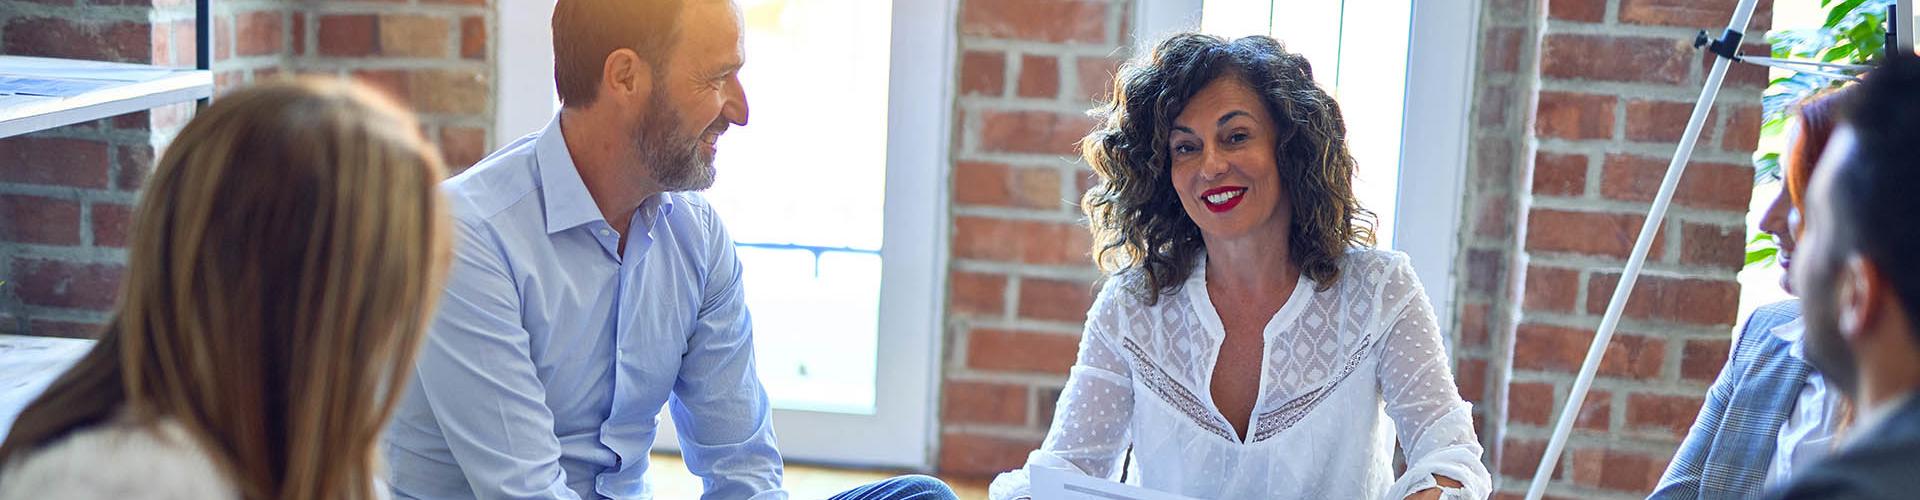 Volg nu de 2-daagse training effectief communiceren